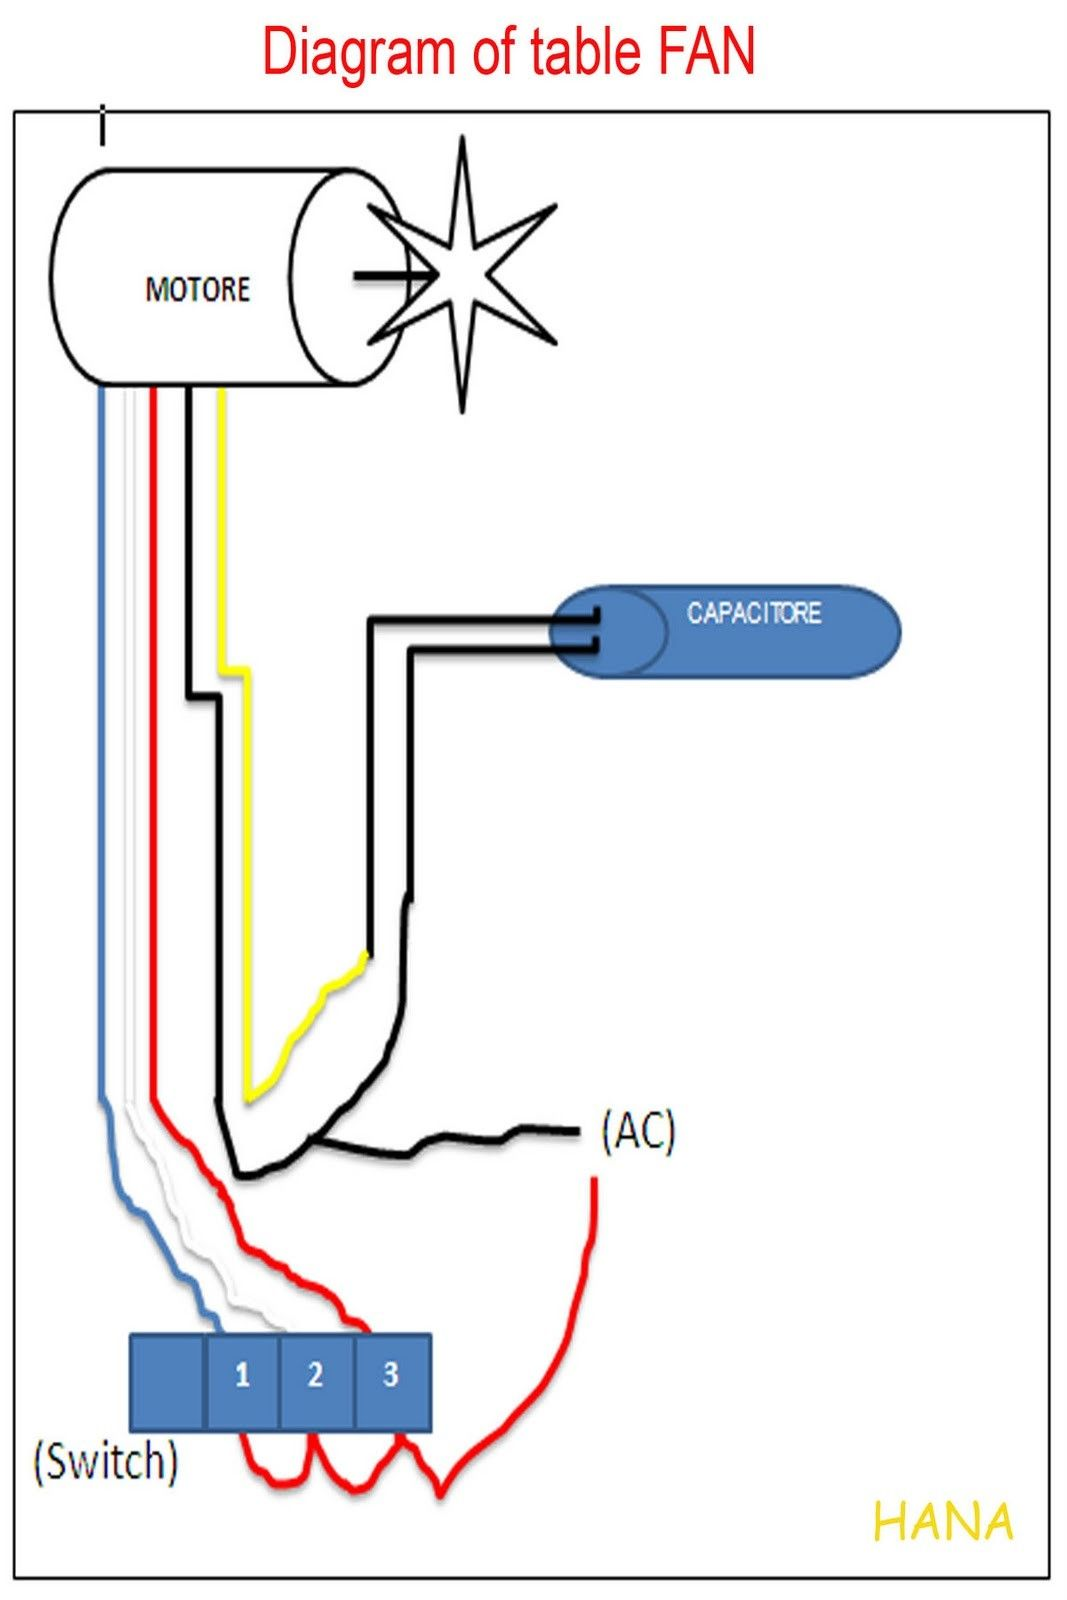 Electric Fan Schematic Diagram Best Of Ceiling Fan Switch Stand Fan Table Fan